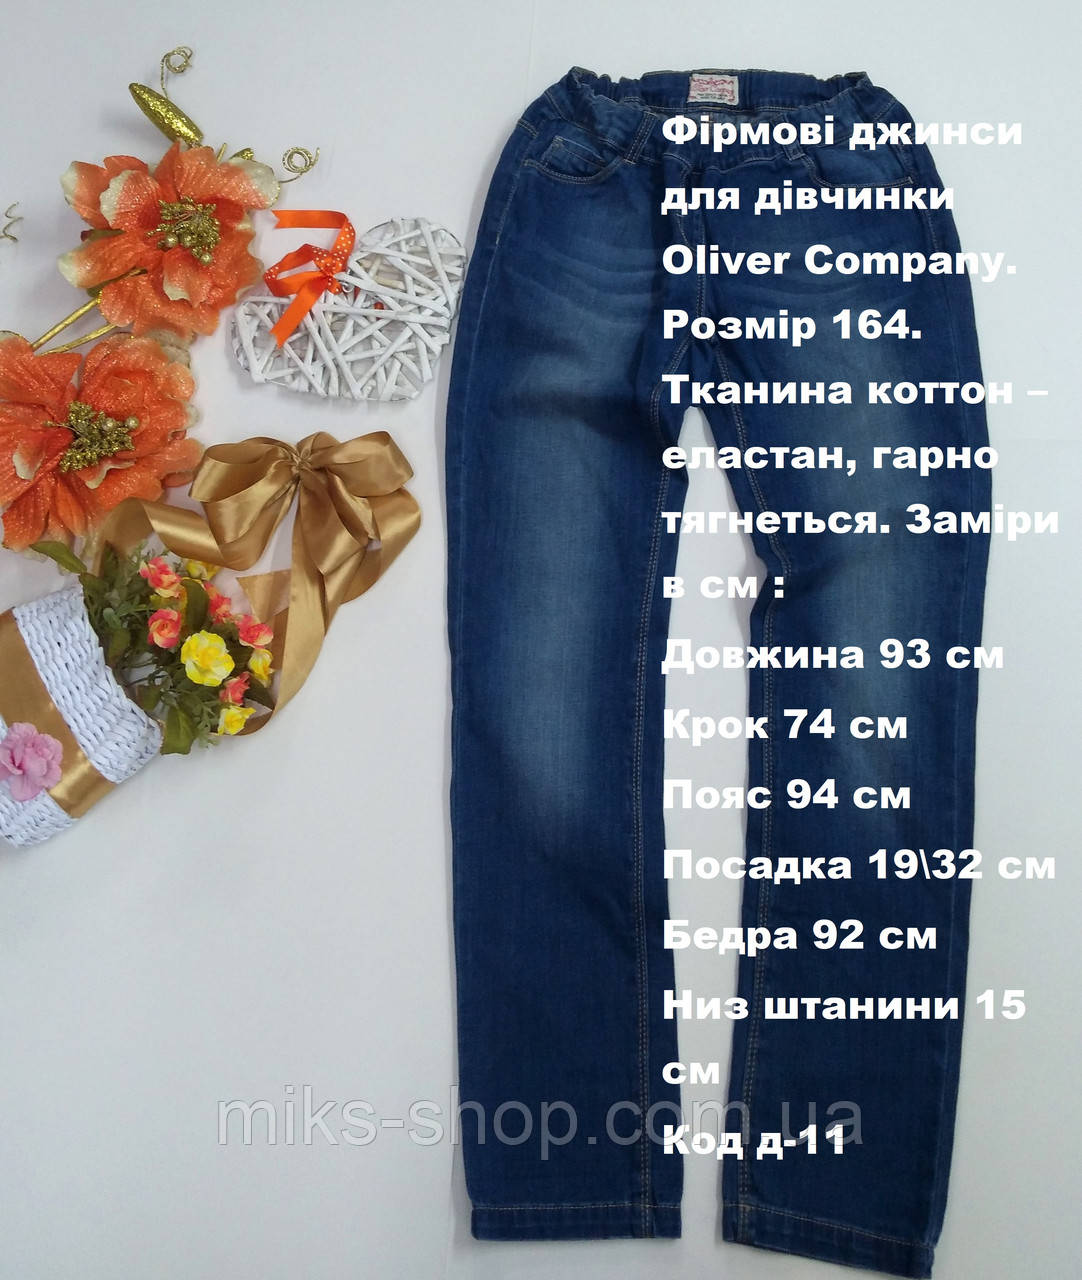 Фирменные джинсы для девочки Oliver Company